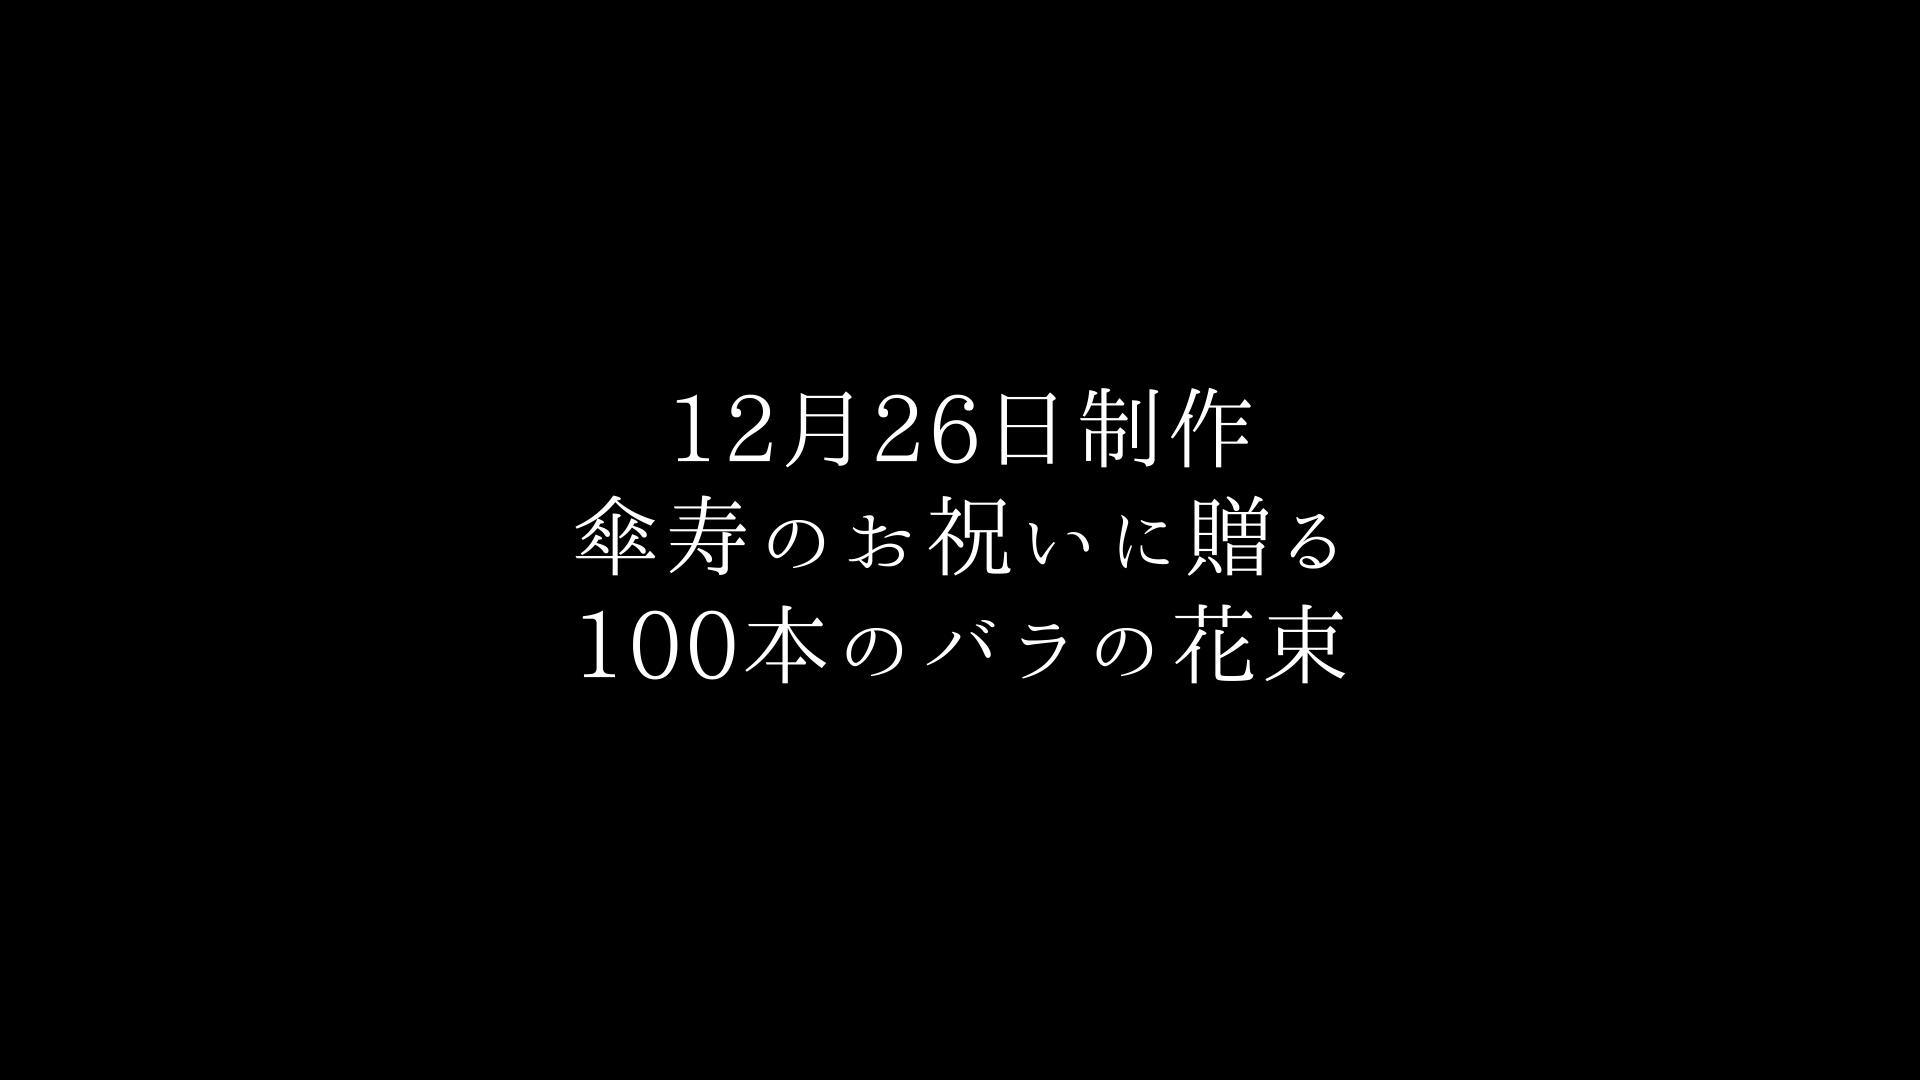 傘寿のお祝いに贈るバラ100本の花束制作動画 2020.12.26撮影